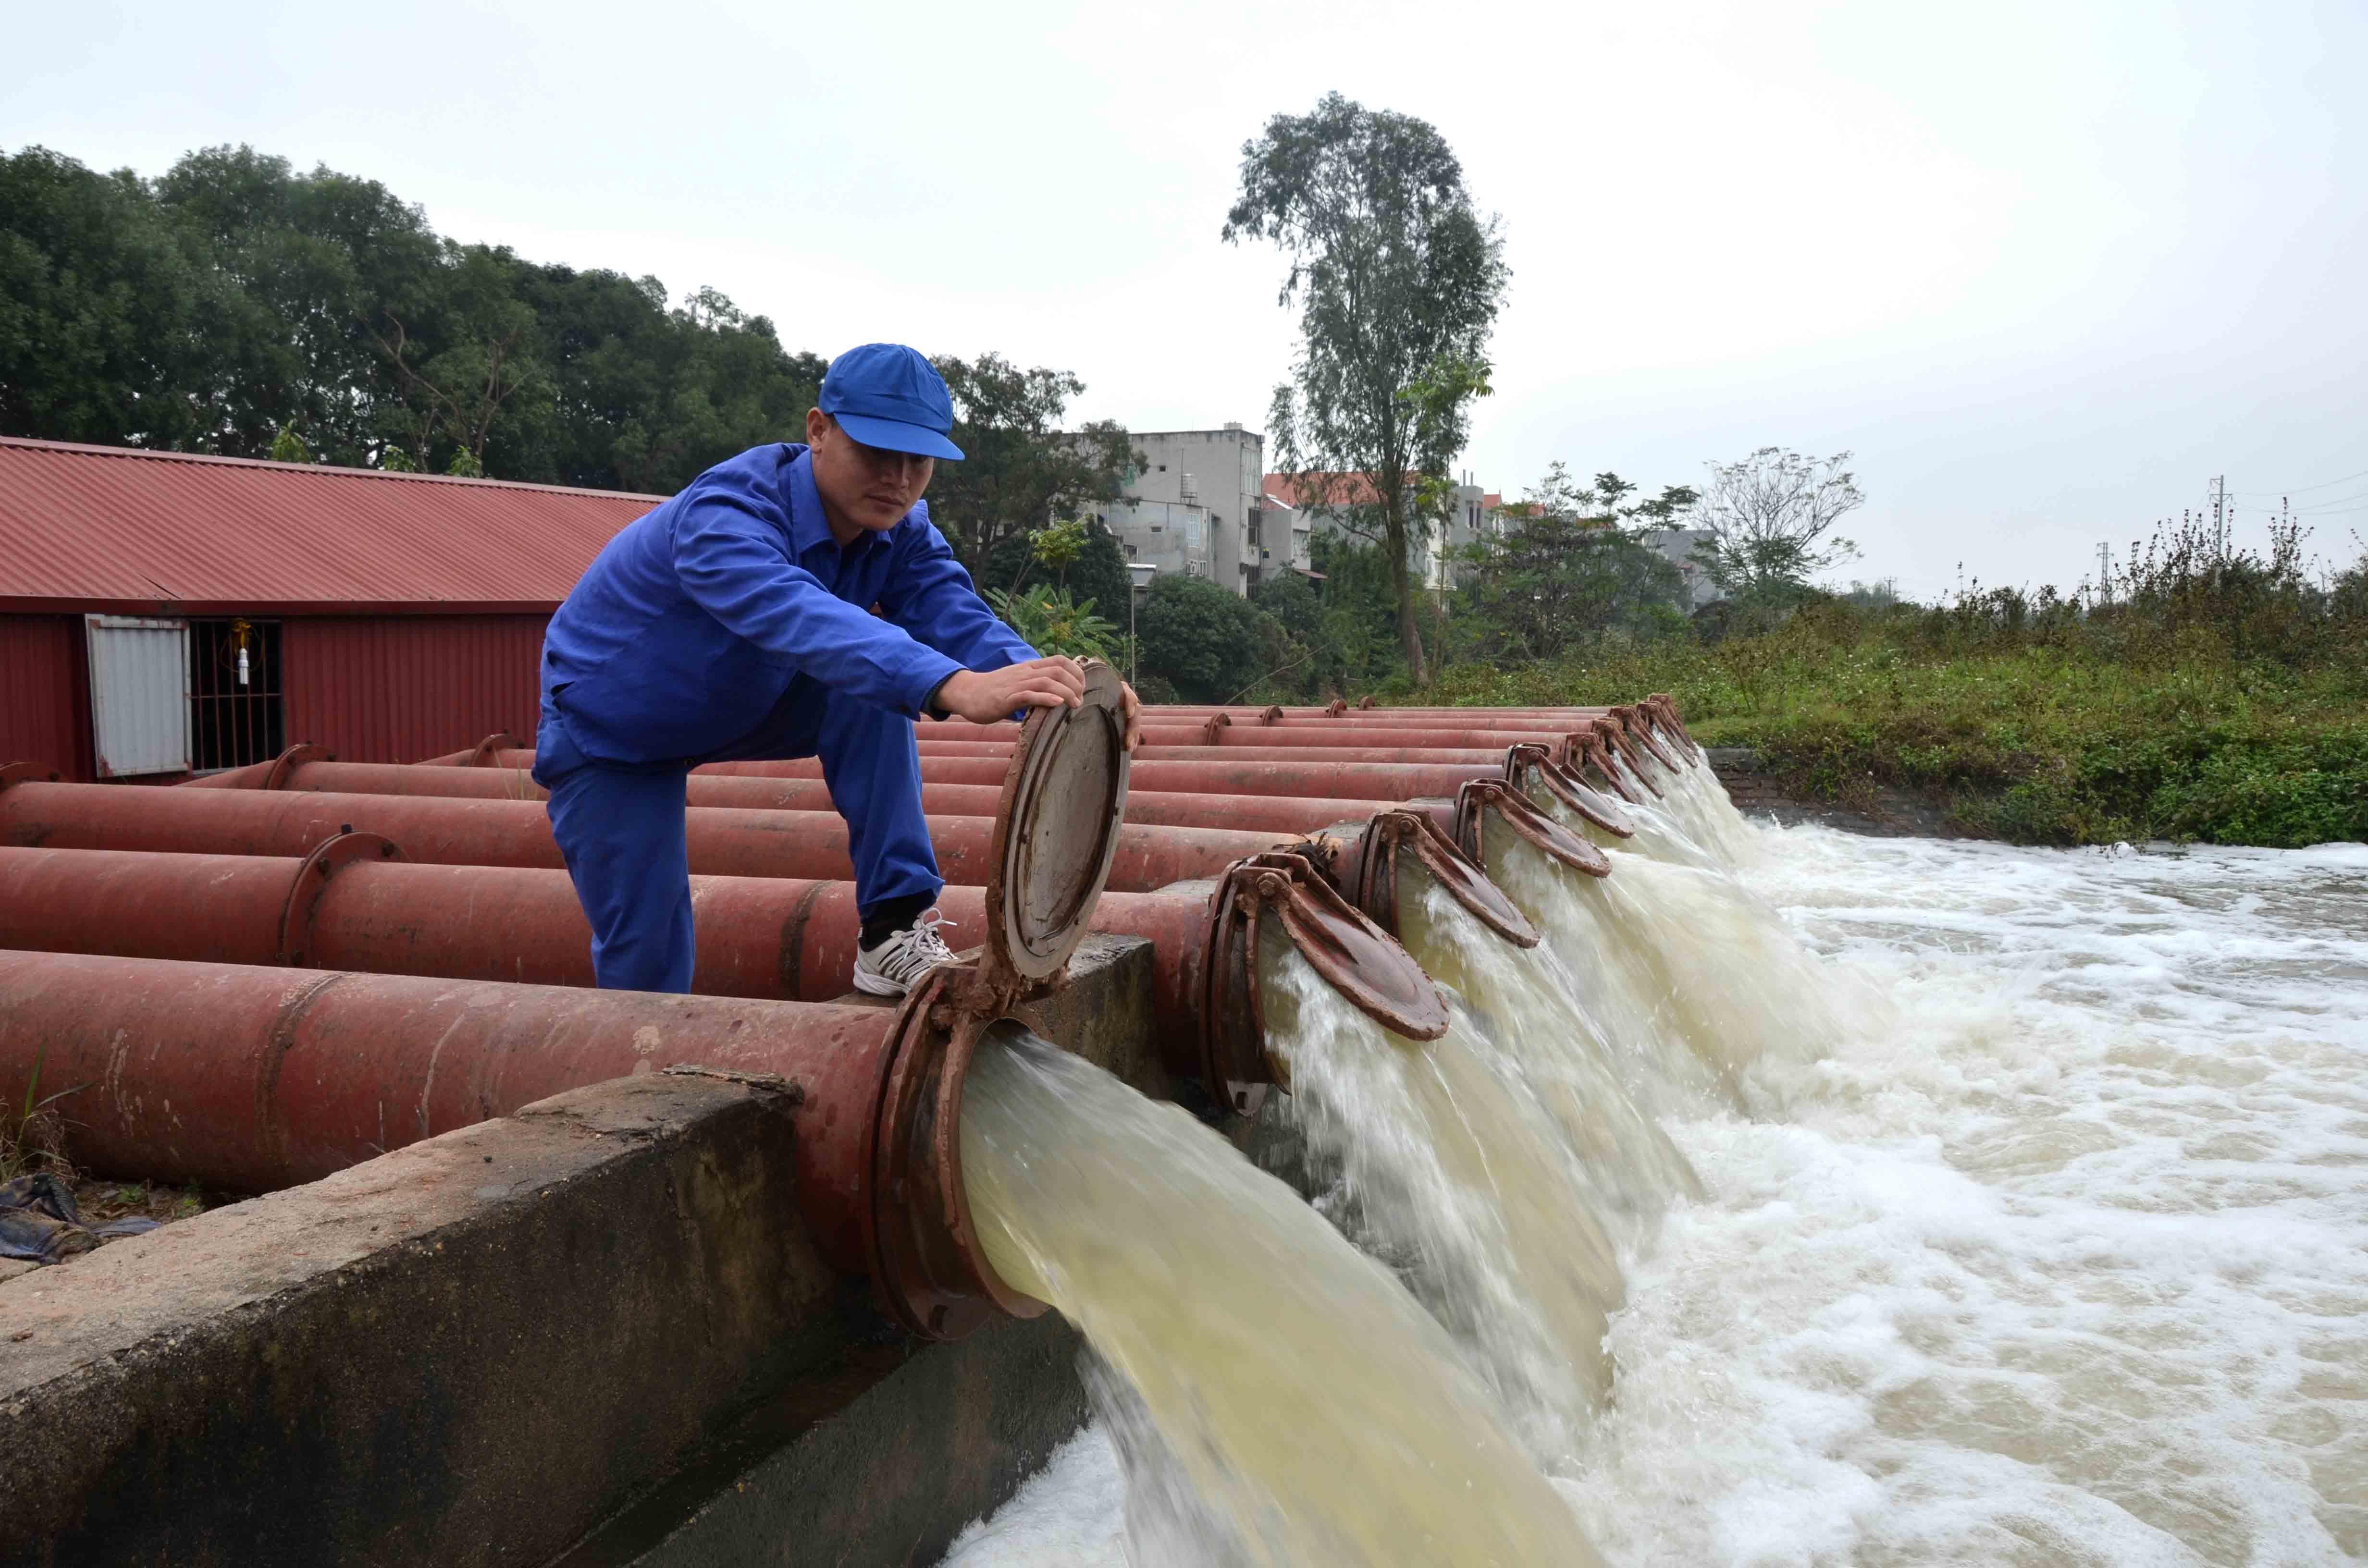 Tập đoàn điện lực Việt Nam lên kế hoạch điều tiết nước các hồ thủy điện, giải quyết tình trạng khô hạn tại khu vực Miền Trung Tây Nguyên. (Thời sự trưa 11/4/2016)